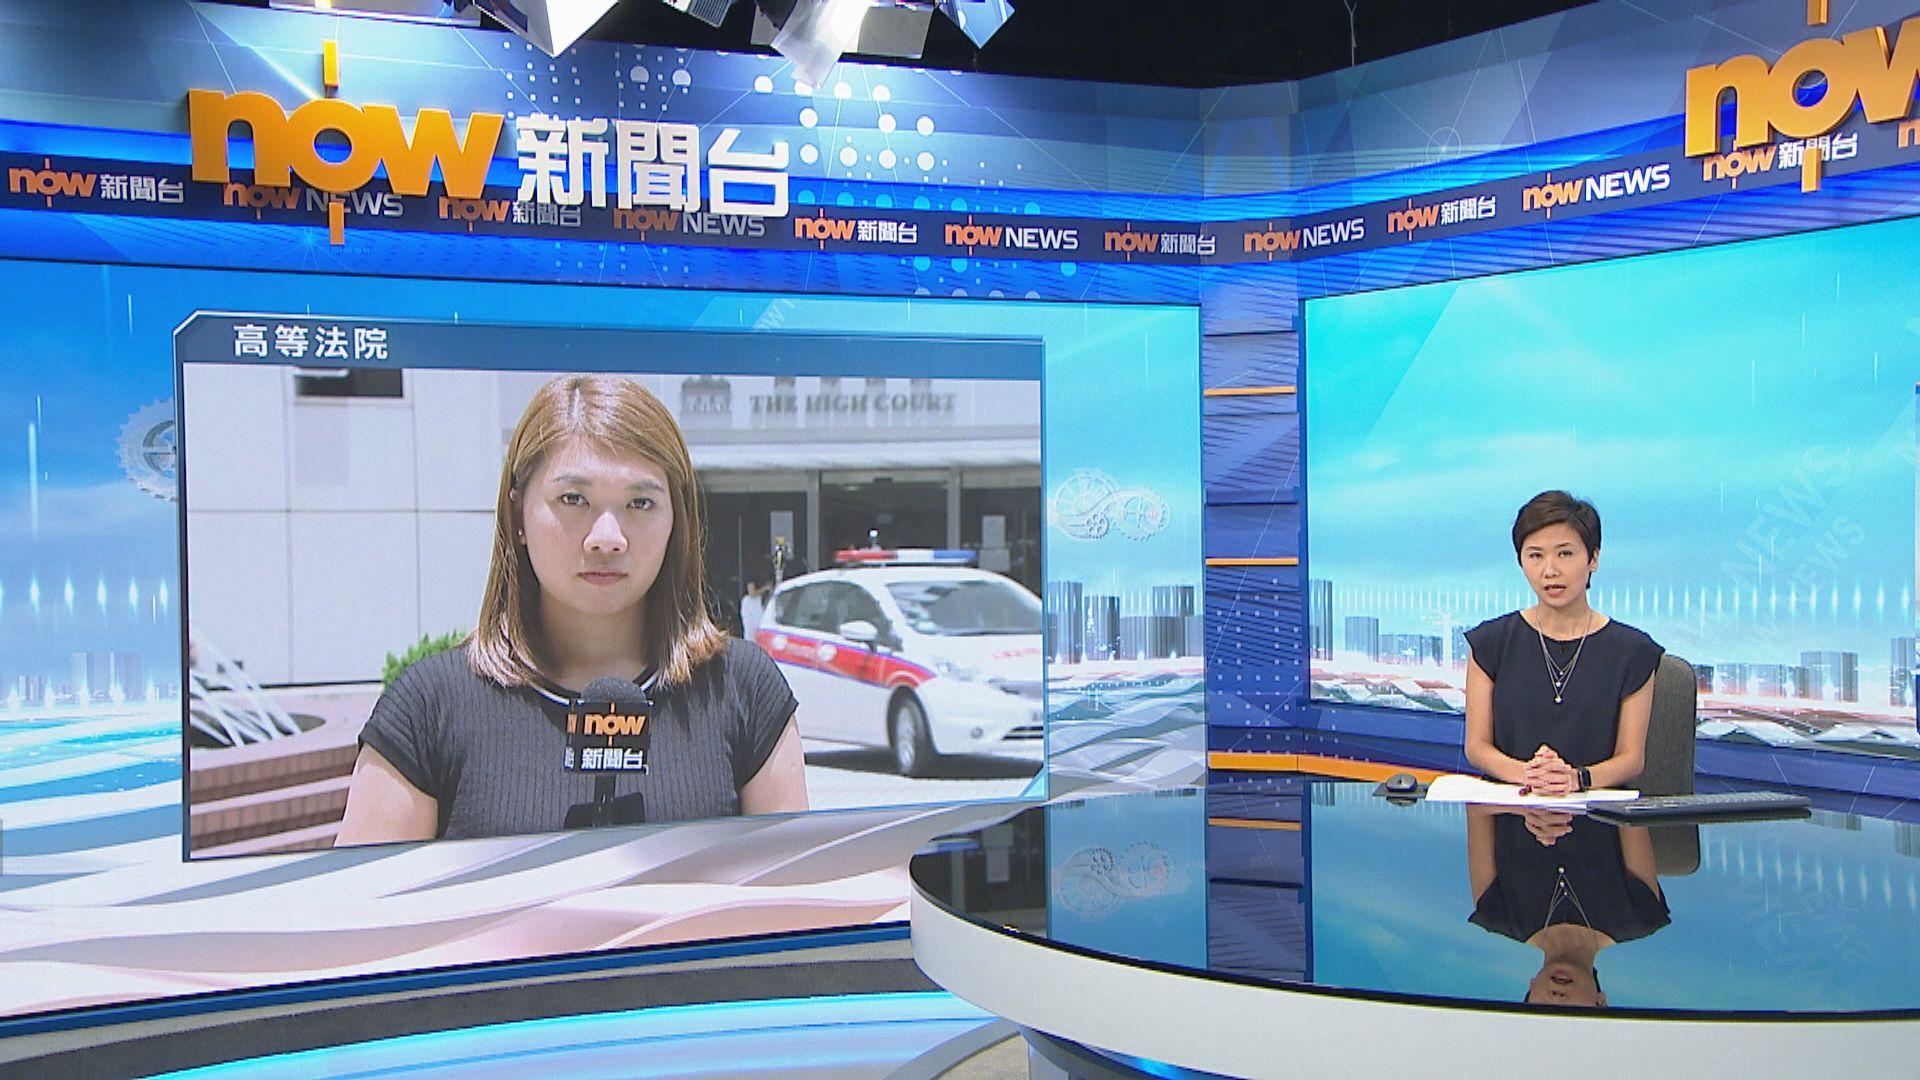 【七警案‧現場報道】上訴庭:警員行為動搖外間對香港警隊信心